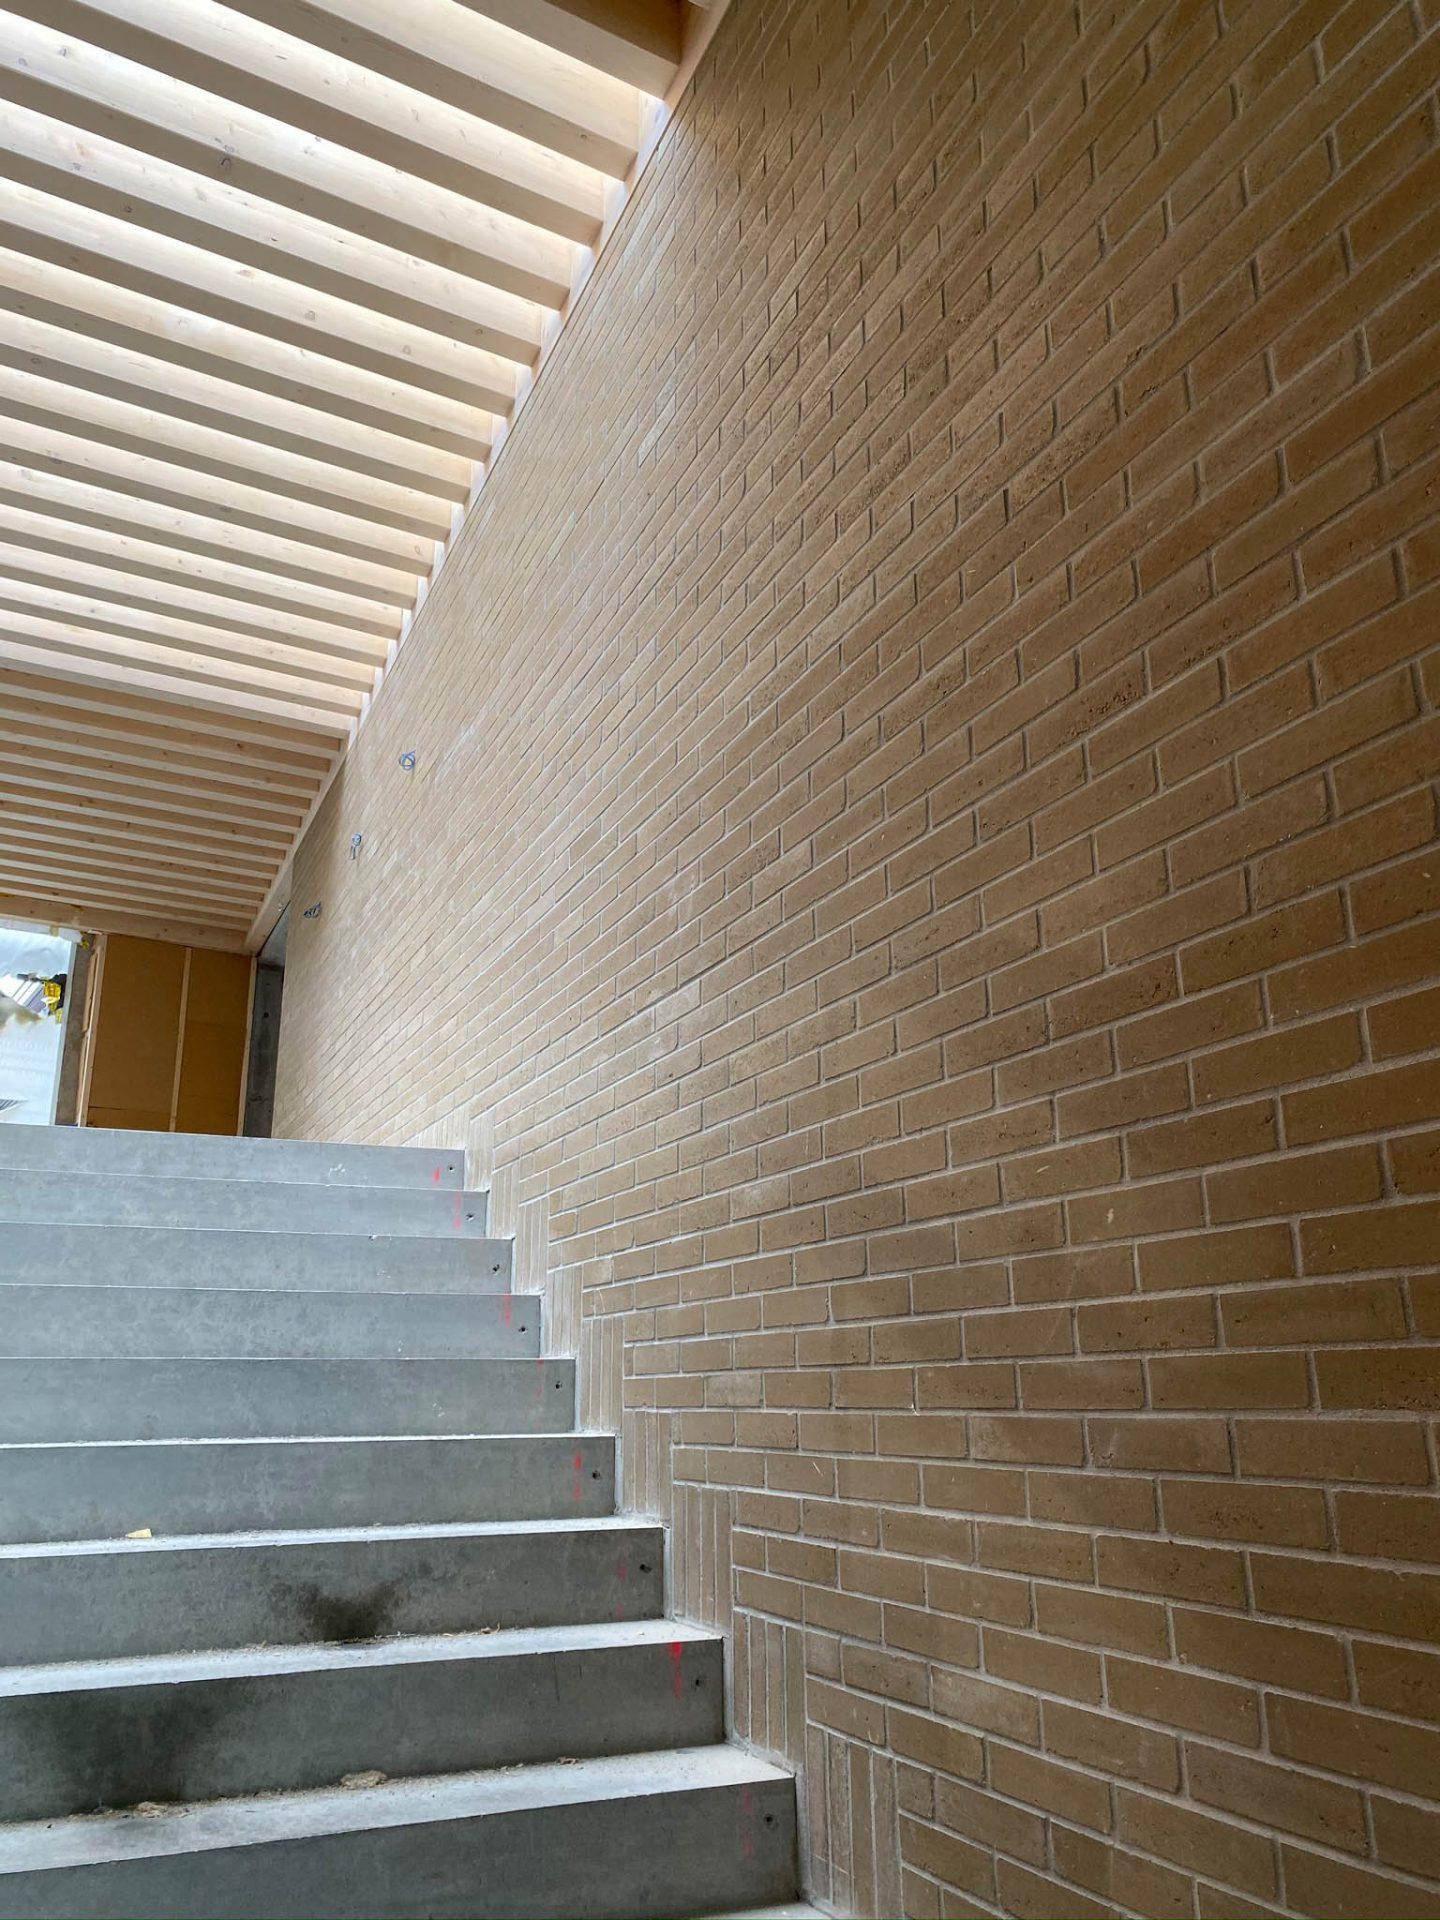 Escaliers inérieurs de l'école de Riaz